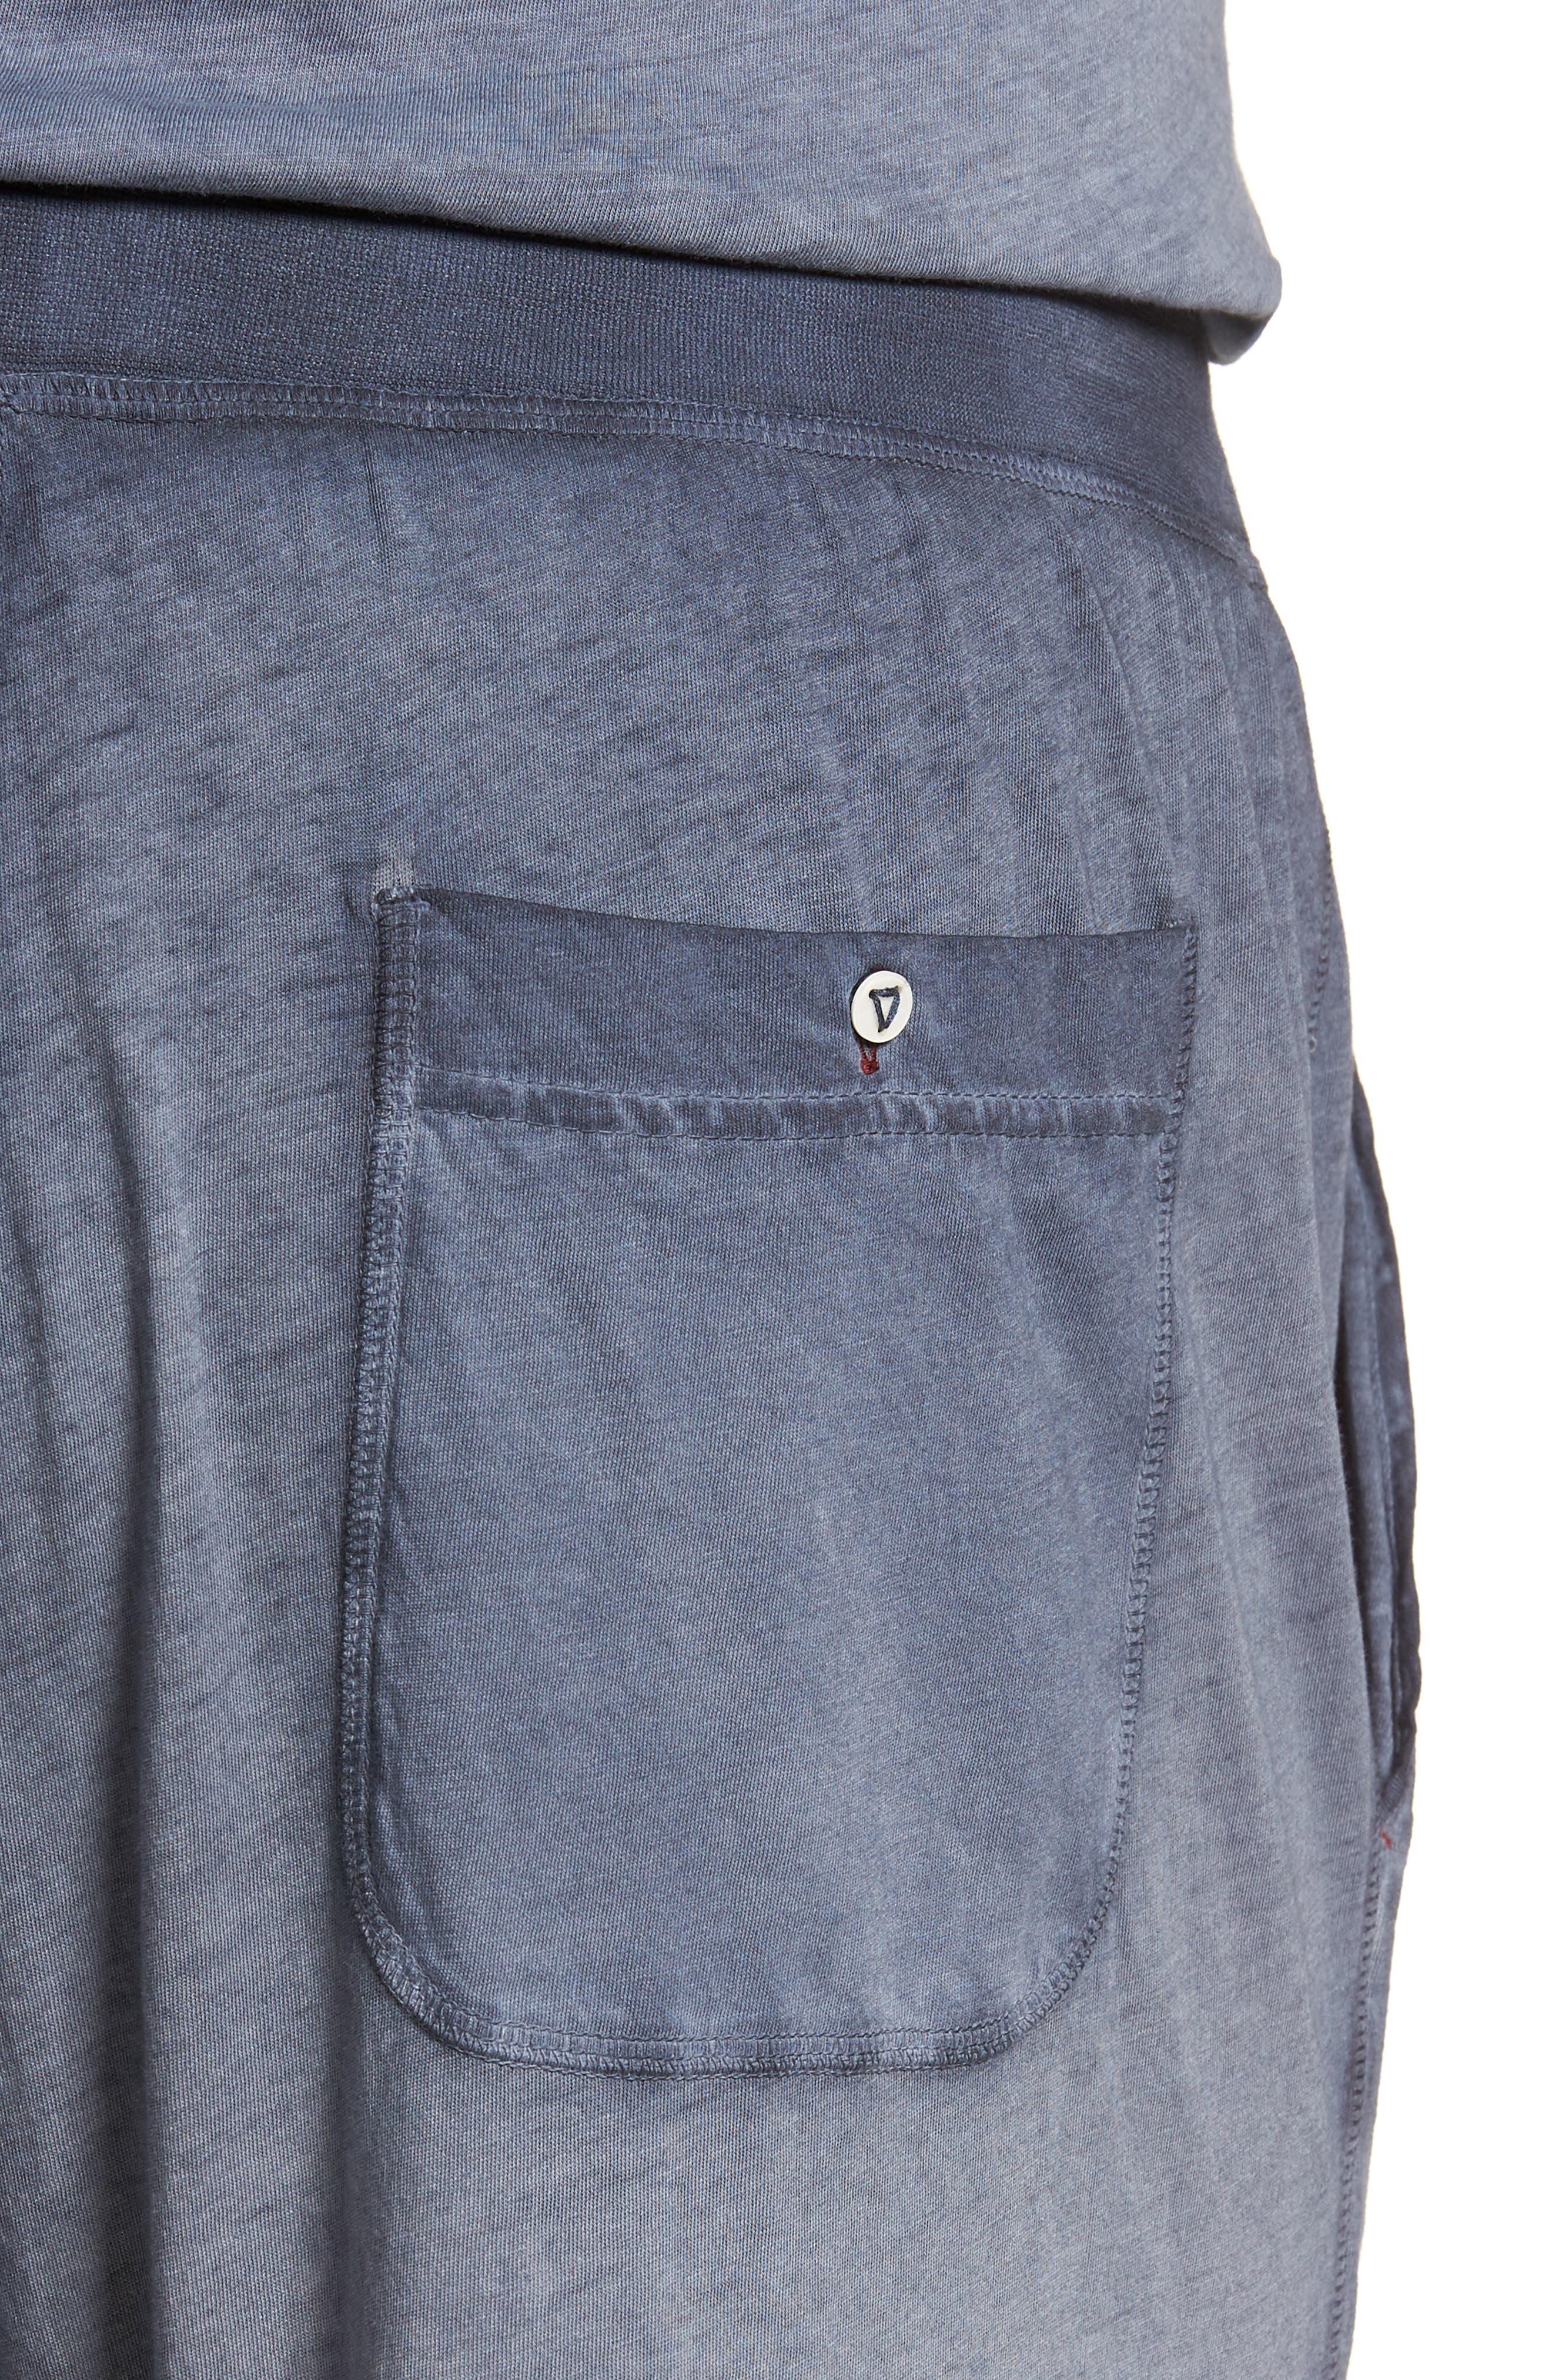 Cotton Lounge Pants,                             Alternate thumbnail 4, color,                             Navy